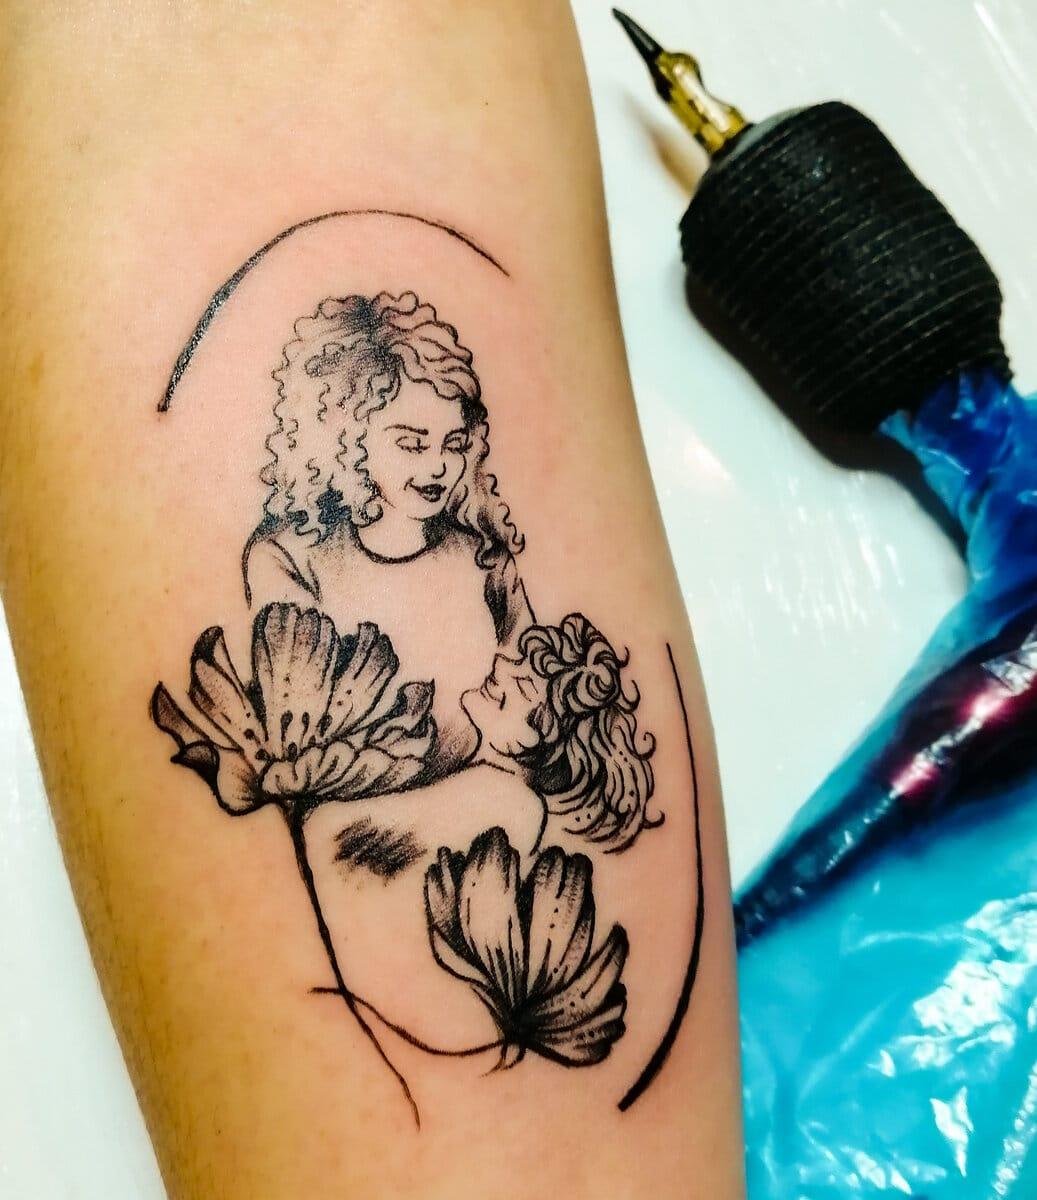 katia-barria-tattoo-artist-woman-child